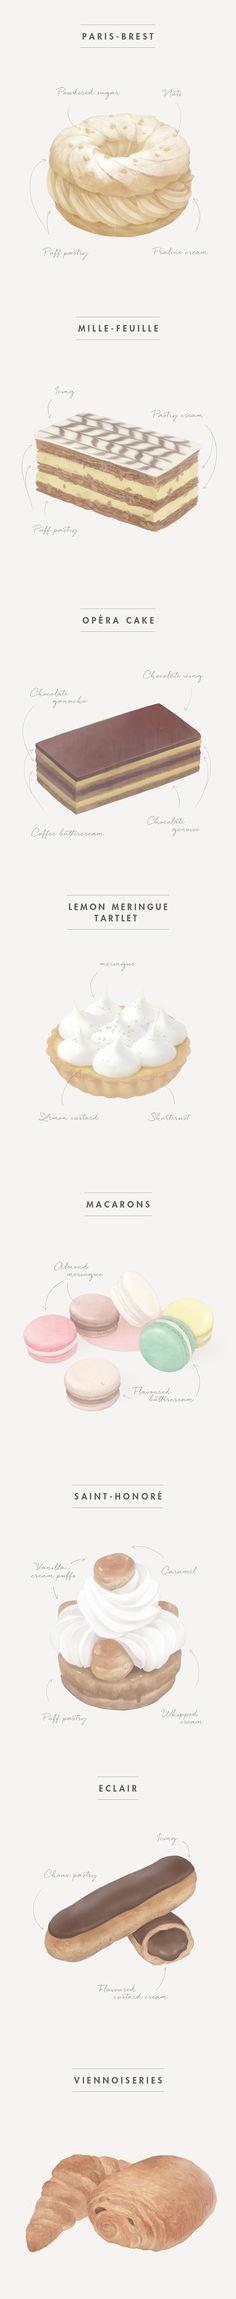 Paris Pastry Shops on Illustration Served